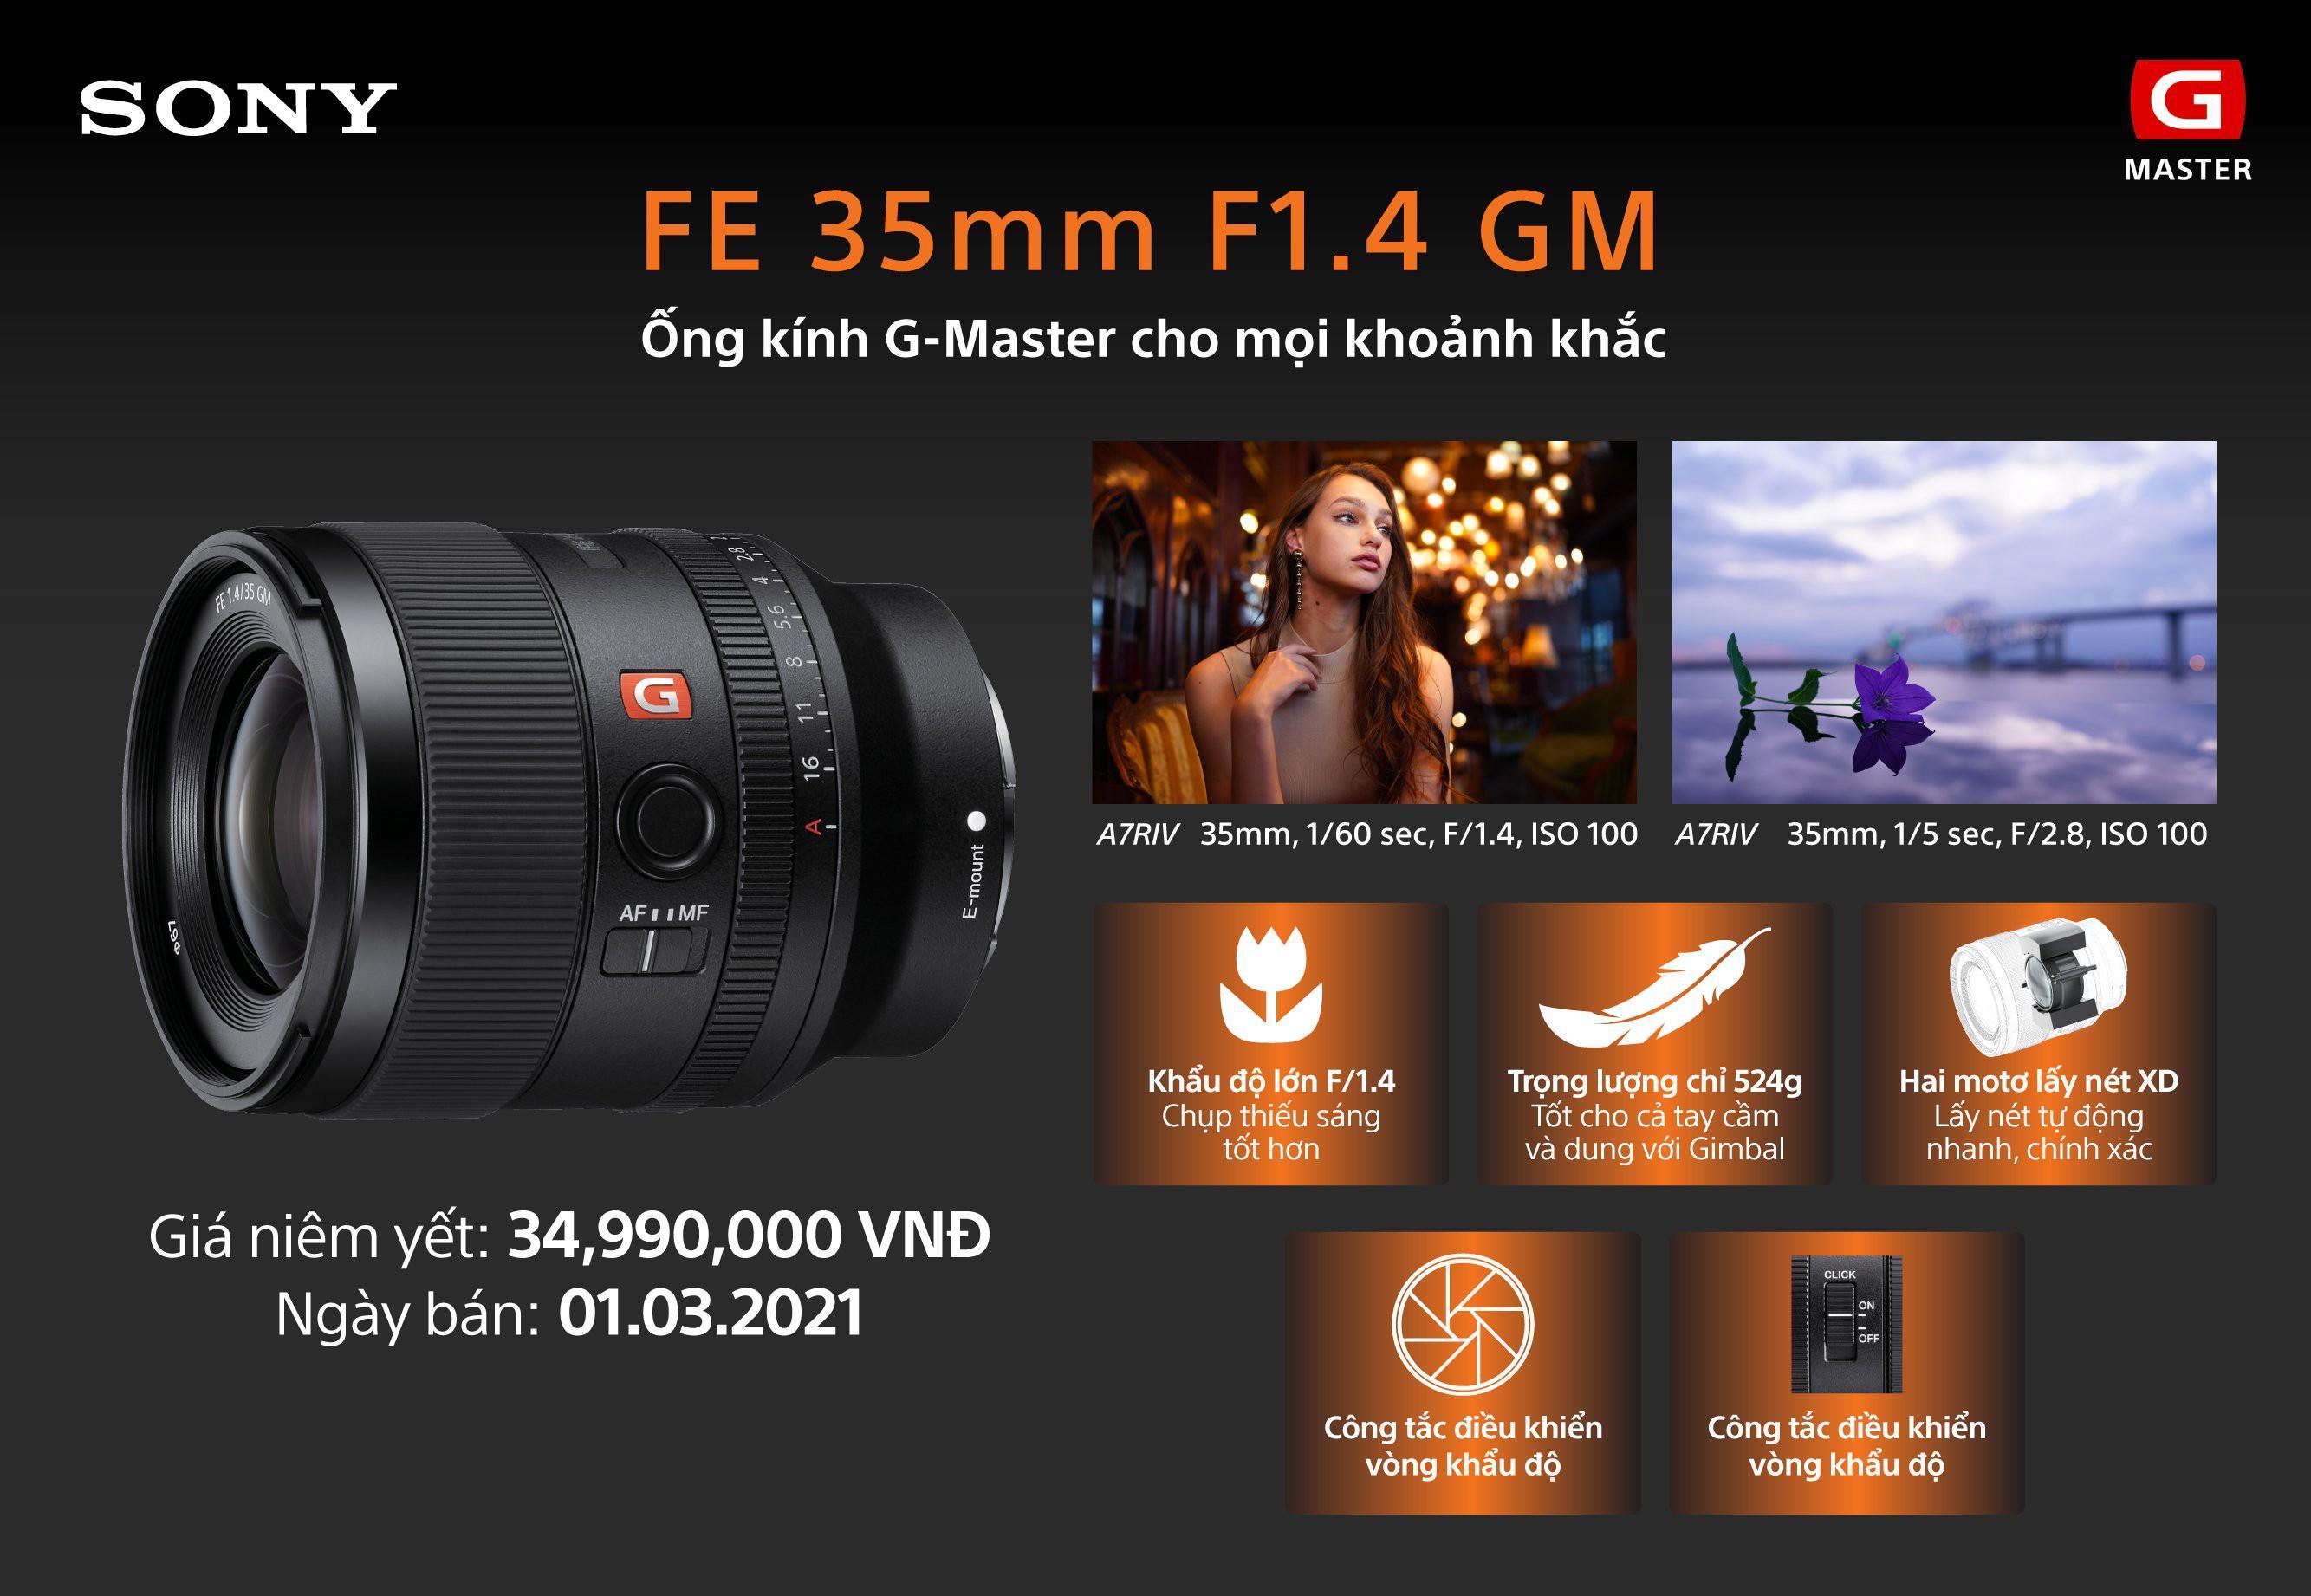 Sony ra mắt ống kính FE 35mm F1.4 GM mới Ảnh 6